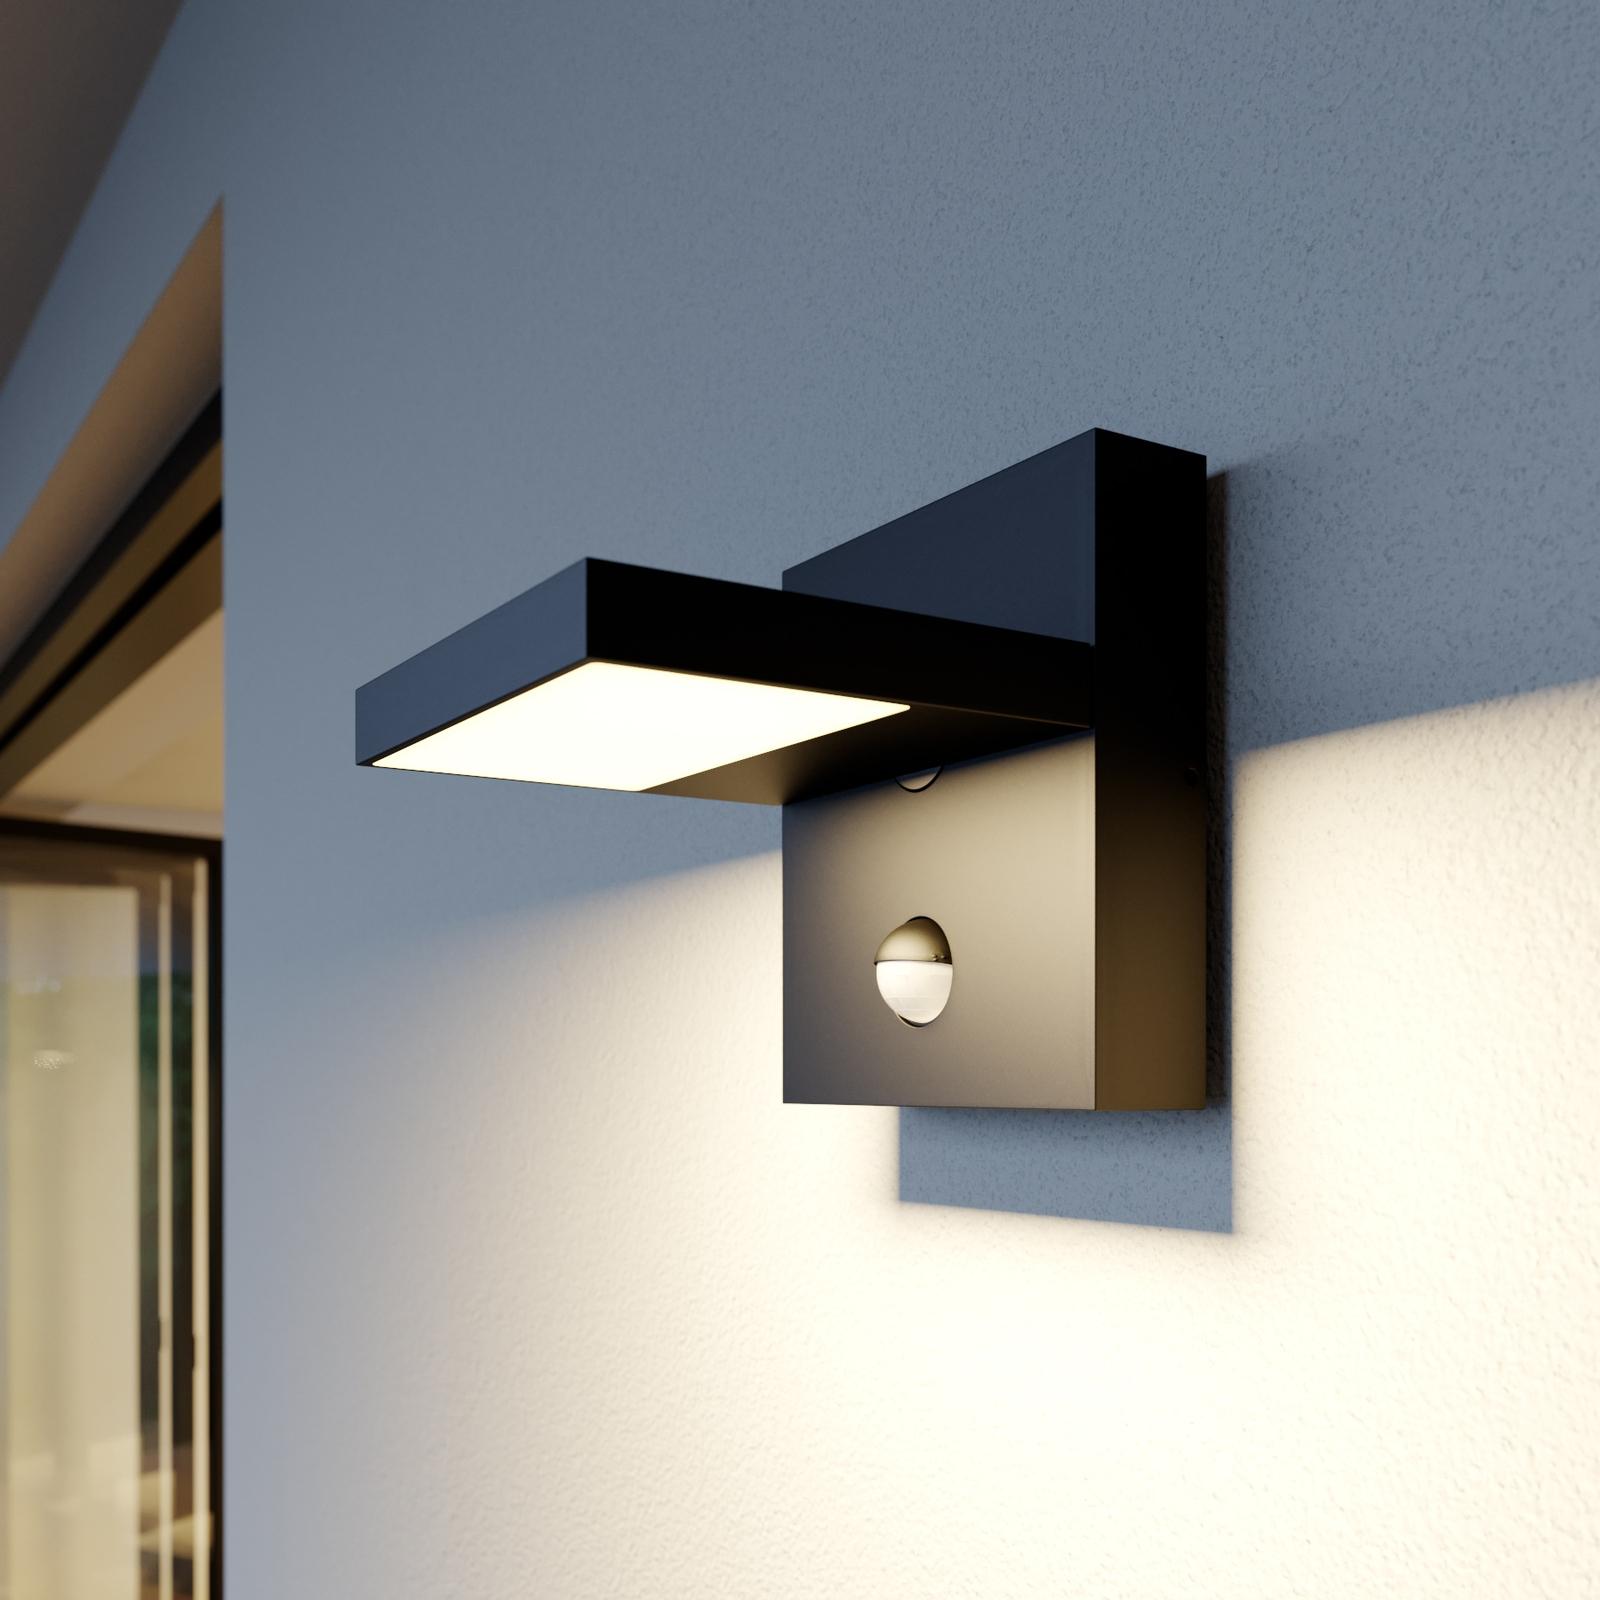 Utendørs LED-vegglampe Silvan, mørk grå, sensor